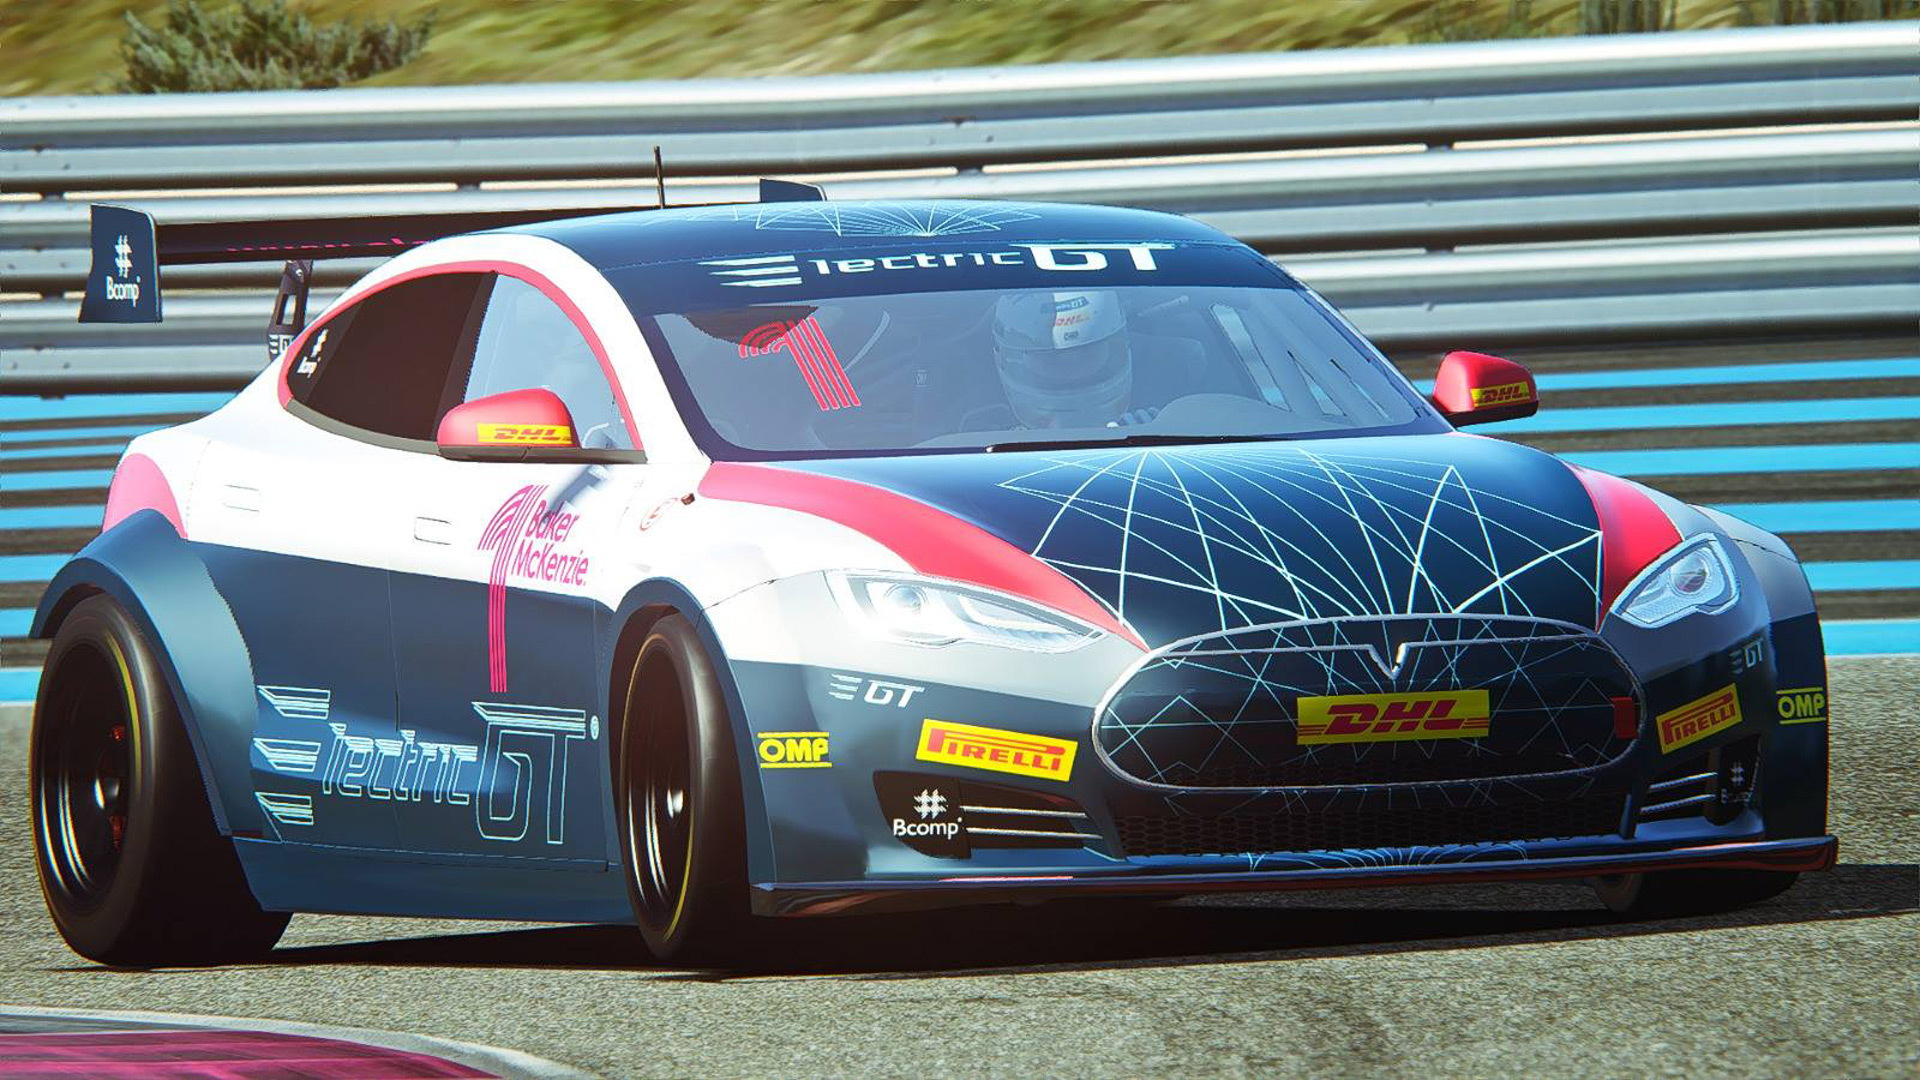 Tesla Model S P100D Electric Production Car Series race car